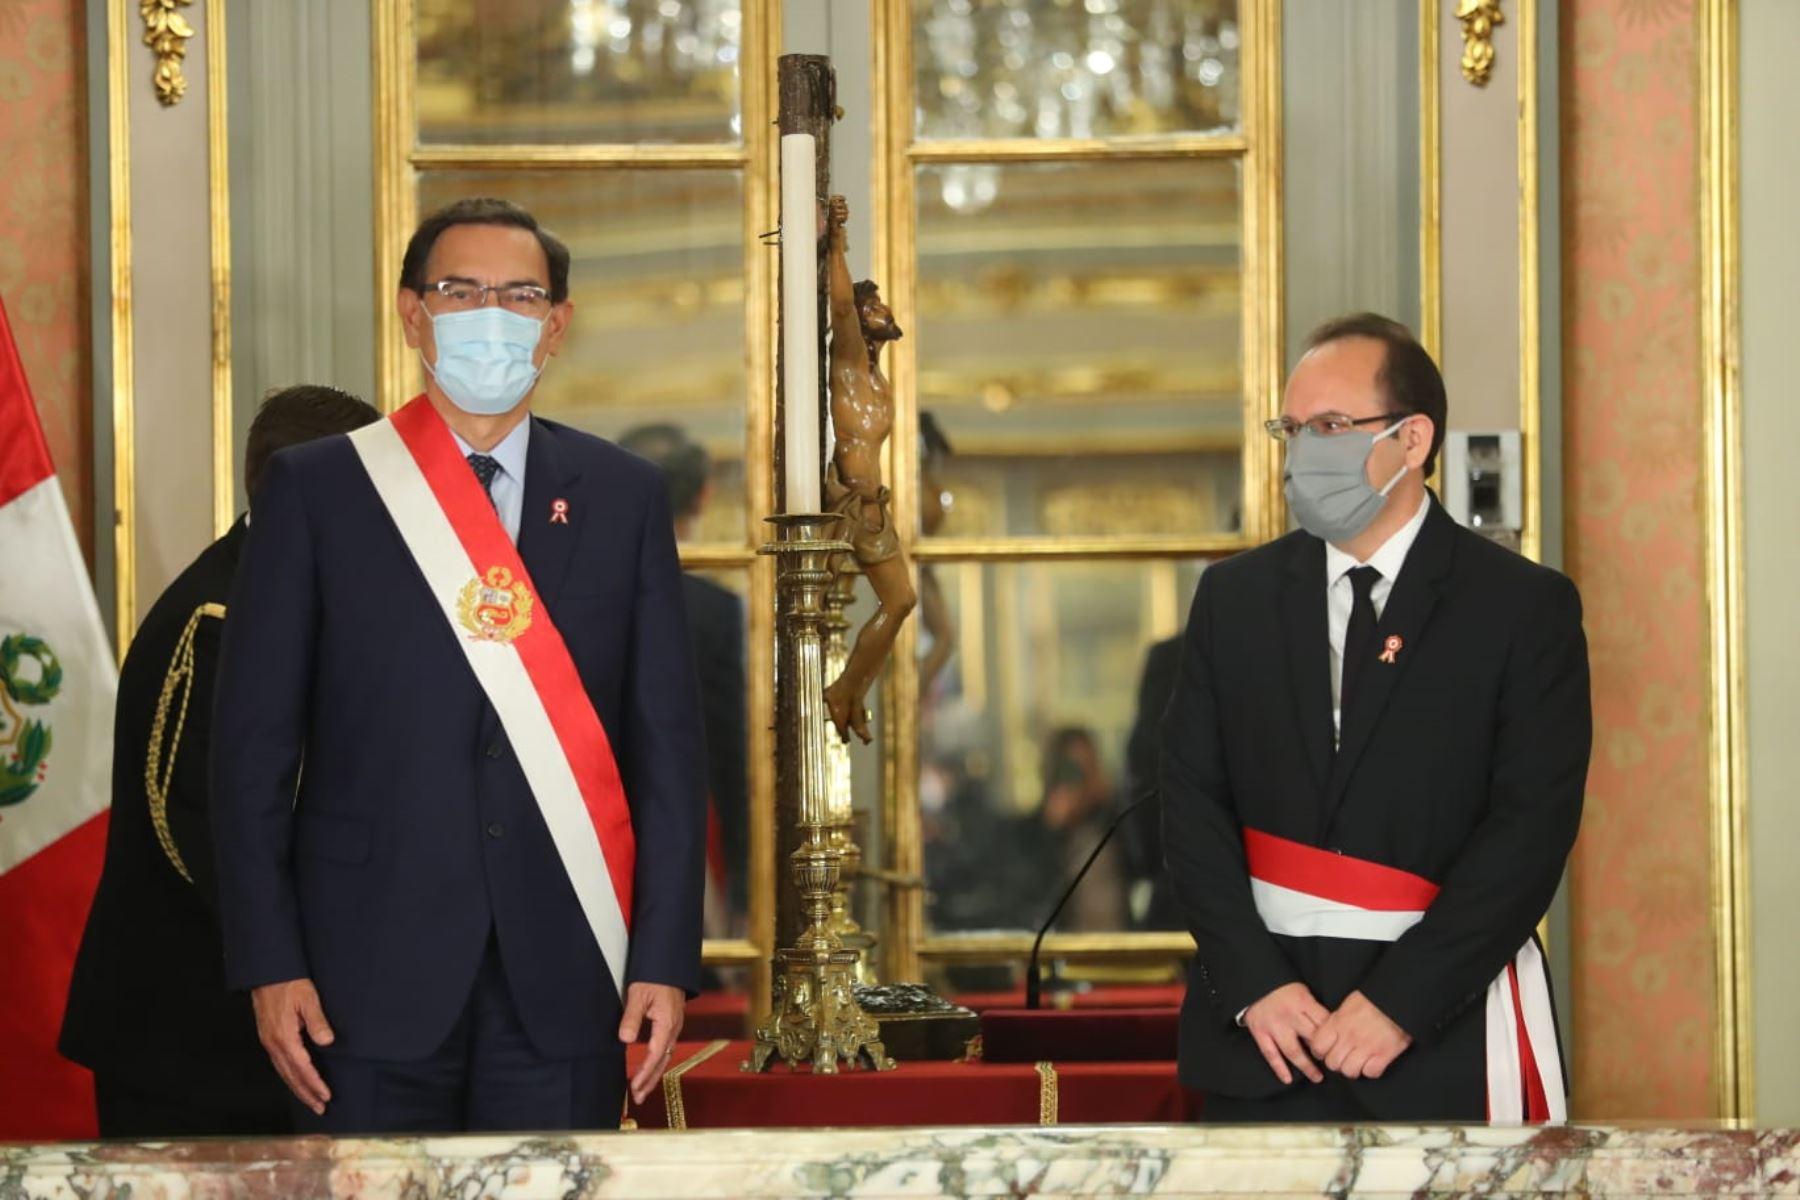 Presidente Martín Vizcarra toma juramento a José Antonio Salardi Rodriguez como ministro de la Producción. Foto: ANDINA/Presidencia